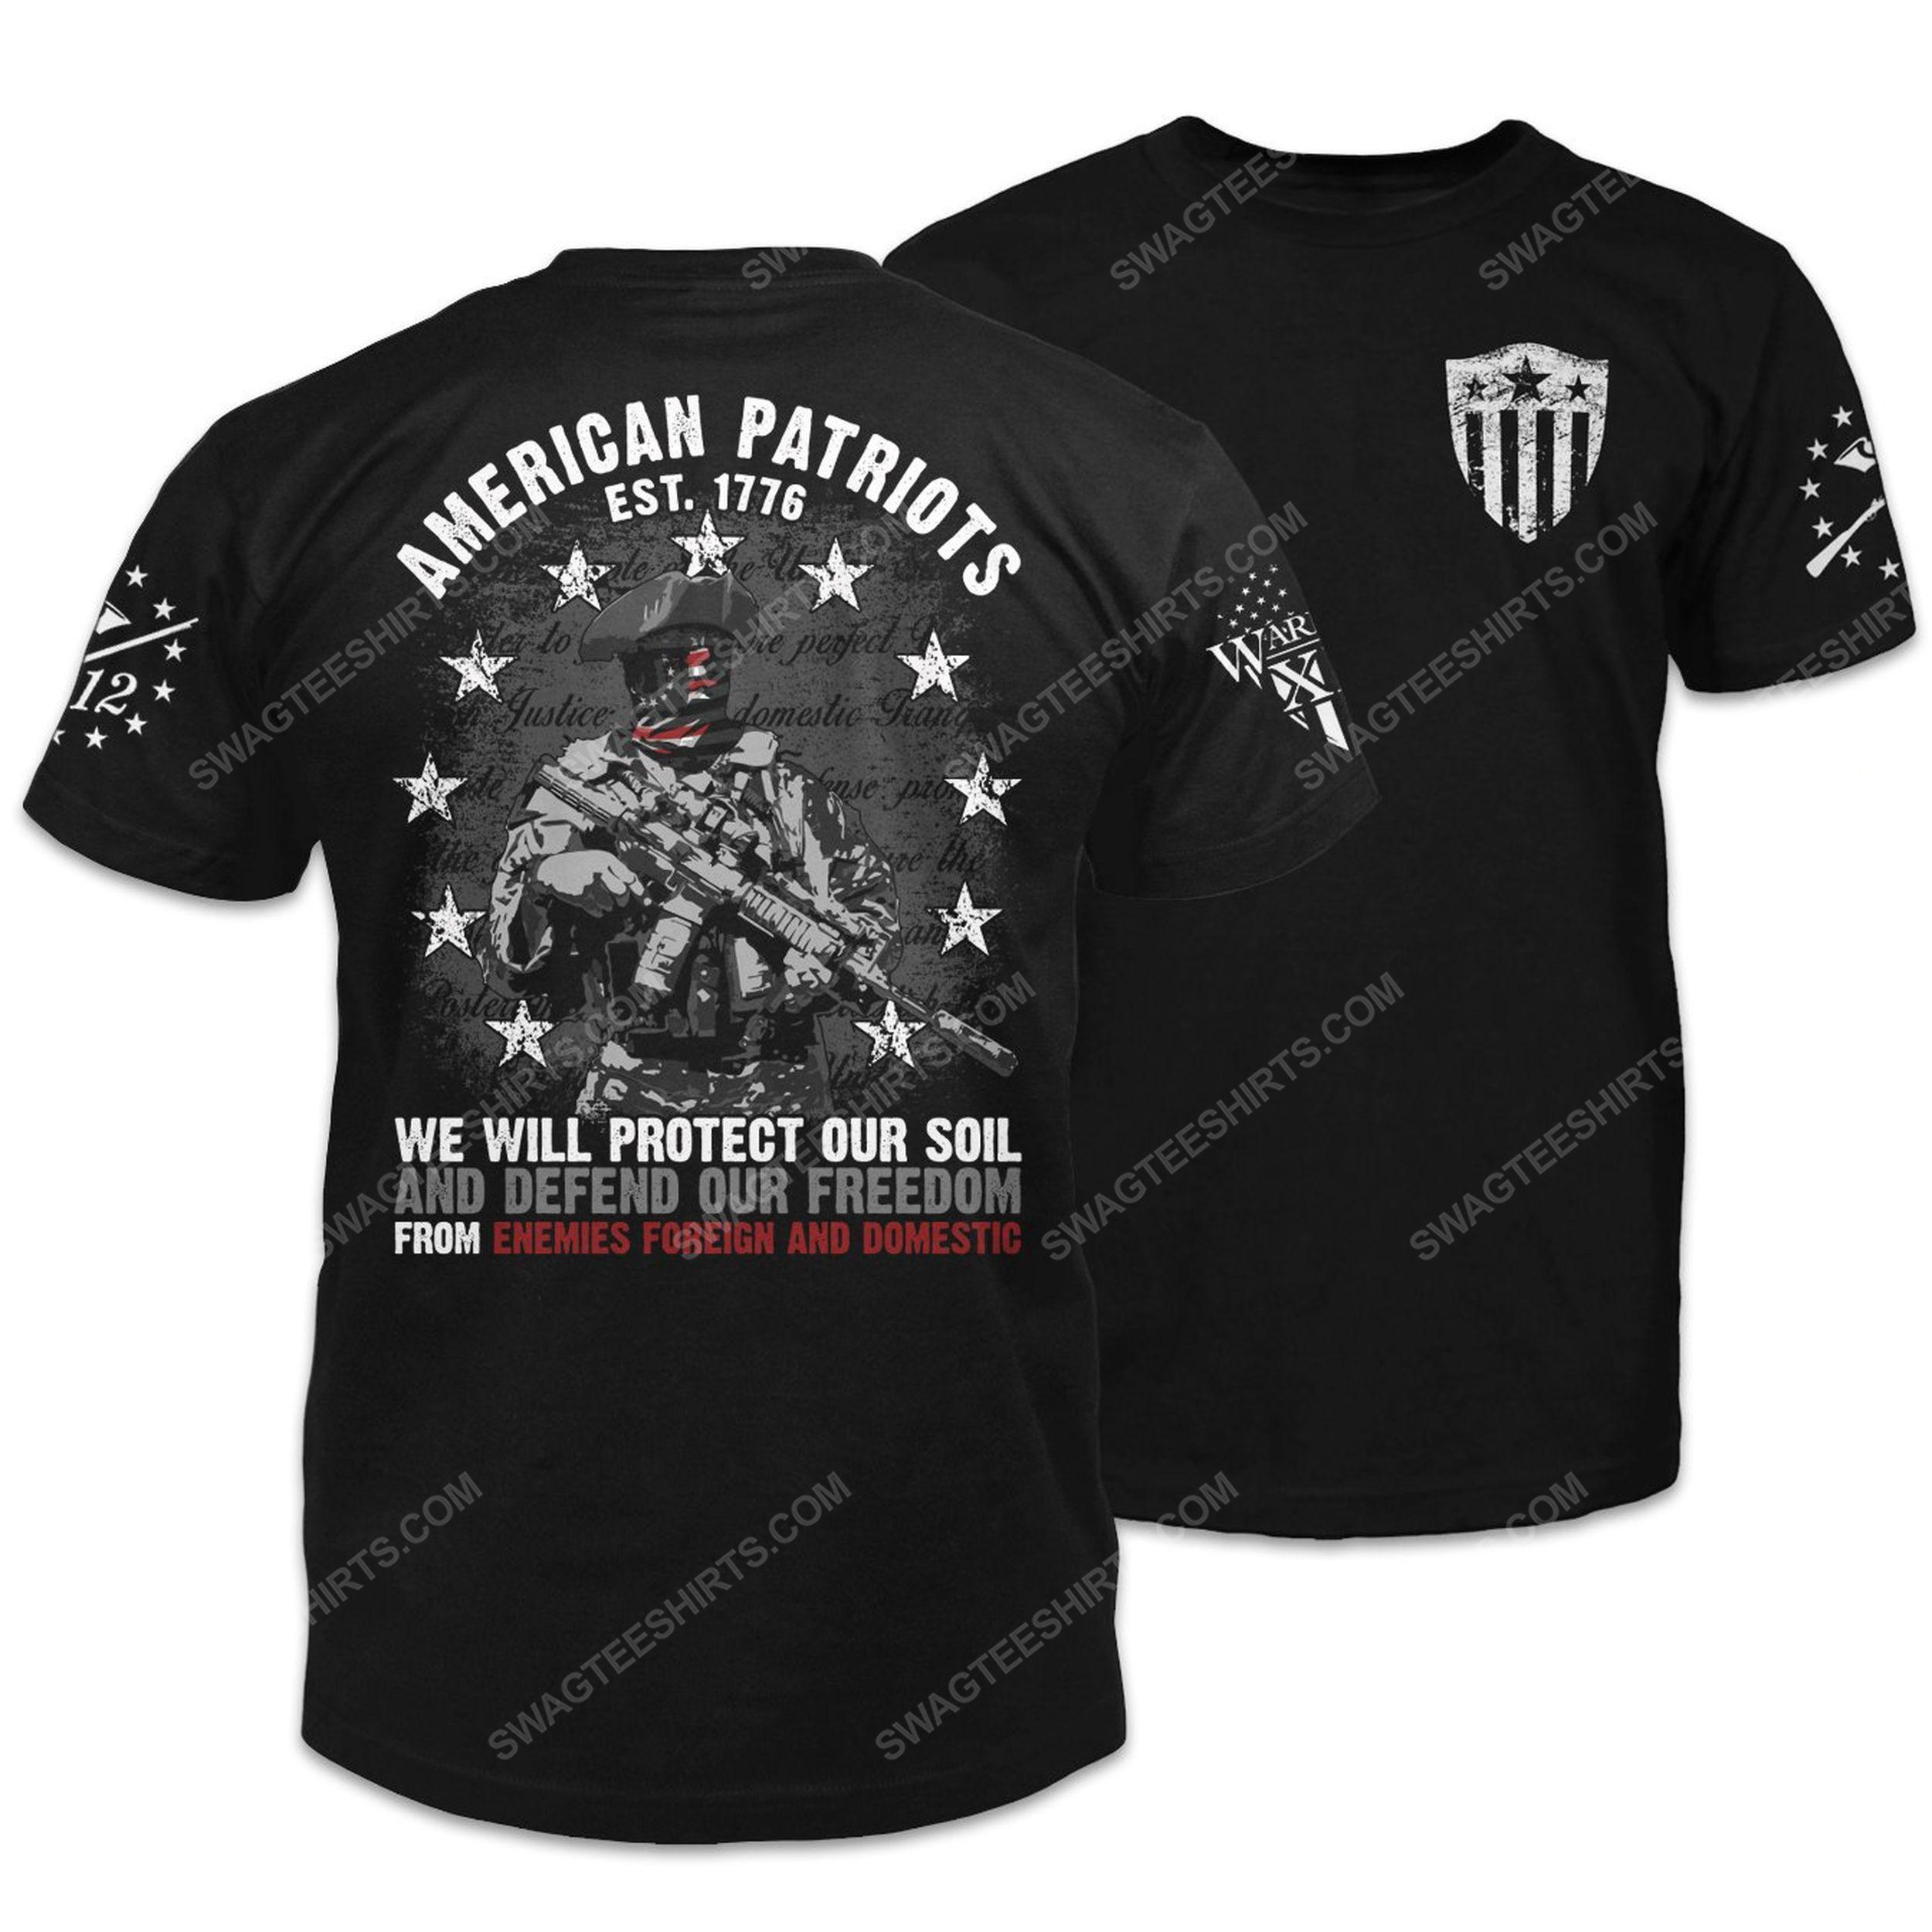 American patriots revolutionary war soldier shirt 2(1)